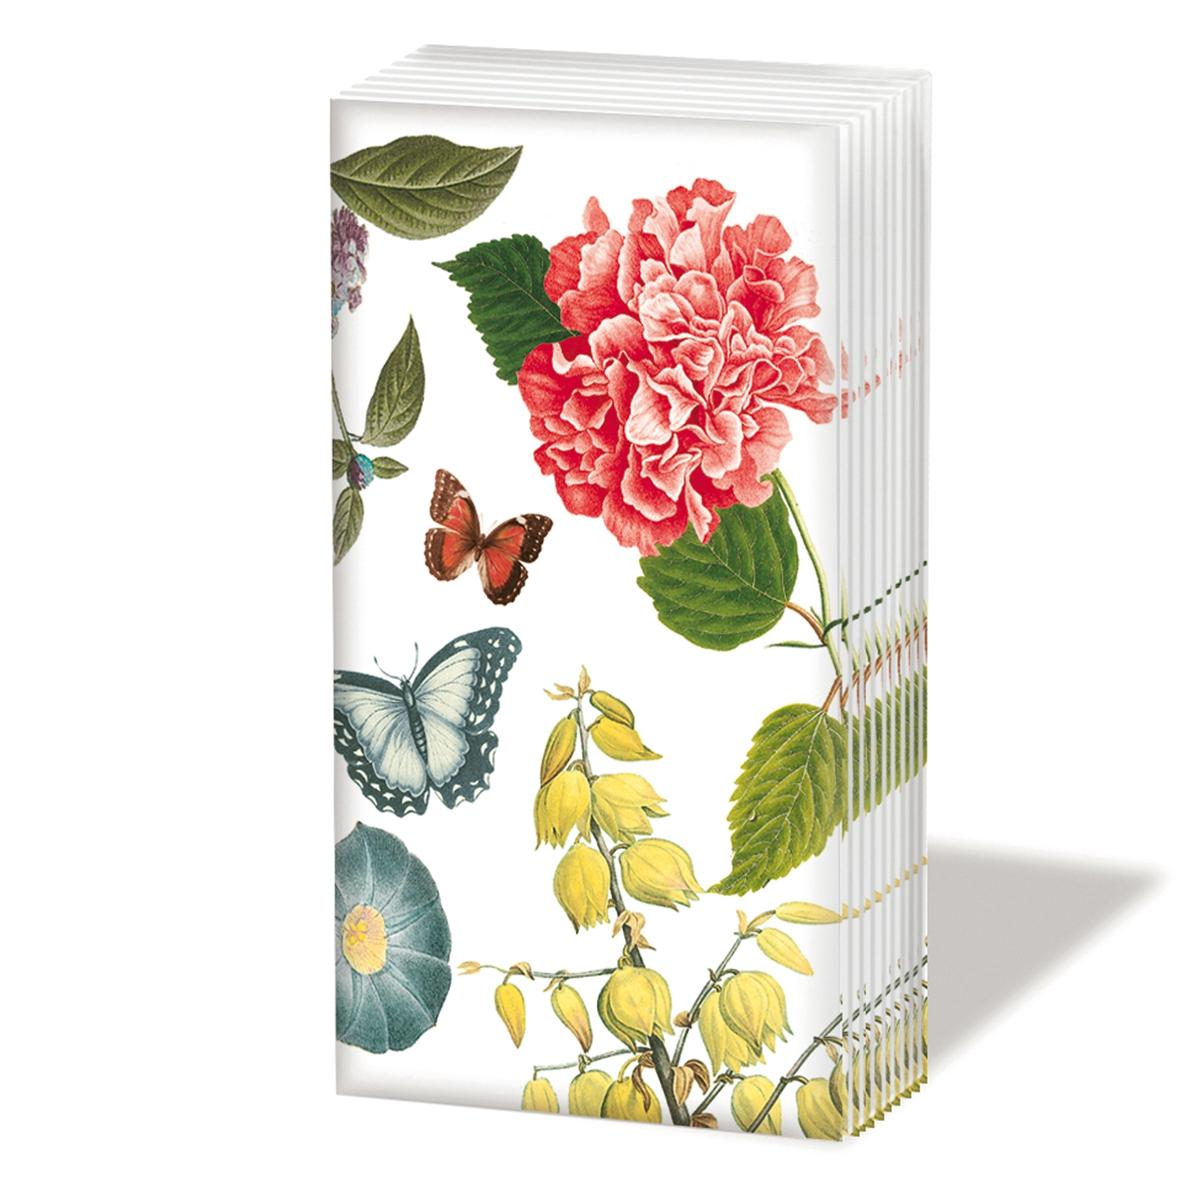 Taschentücher Victoria Garden,  Blumen,  Tiere,  Everyday,  bedruckte papiertaschentücher,  Blumen,  Schmetterlinge